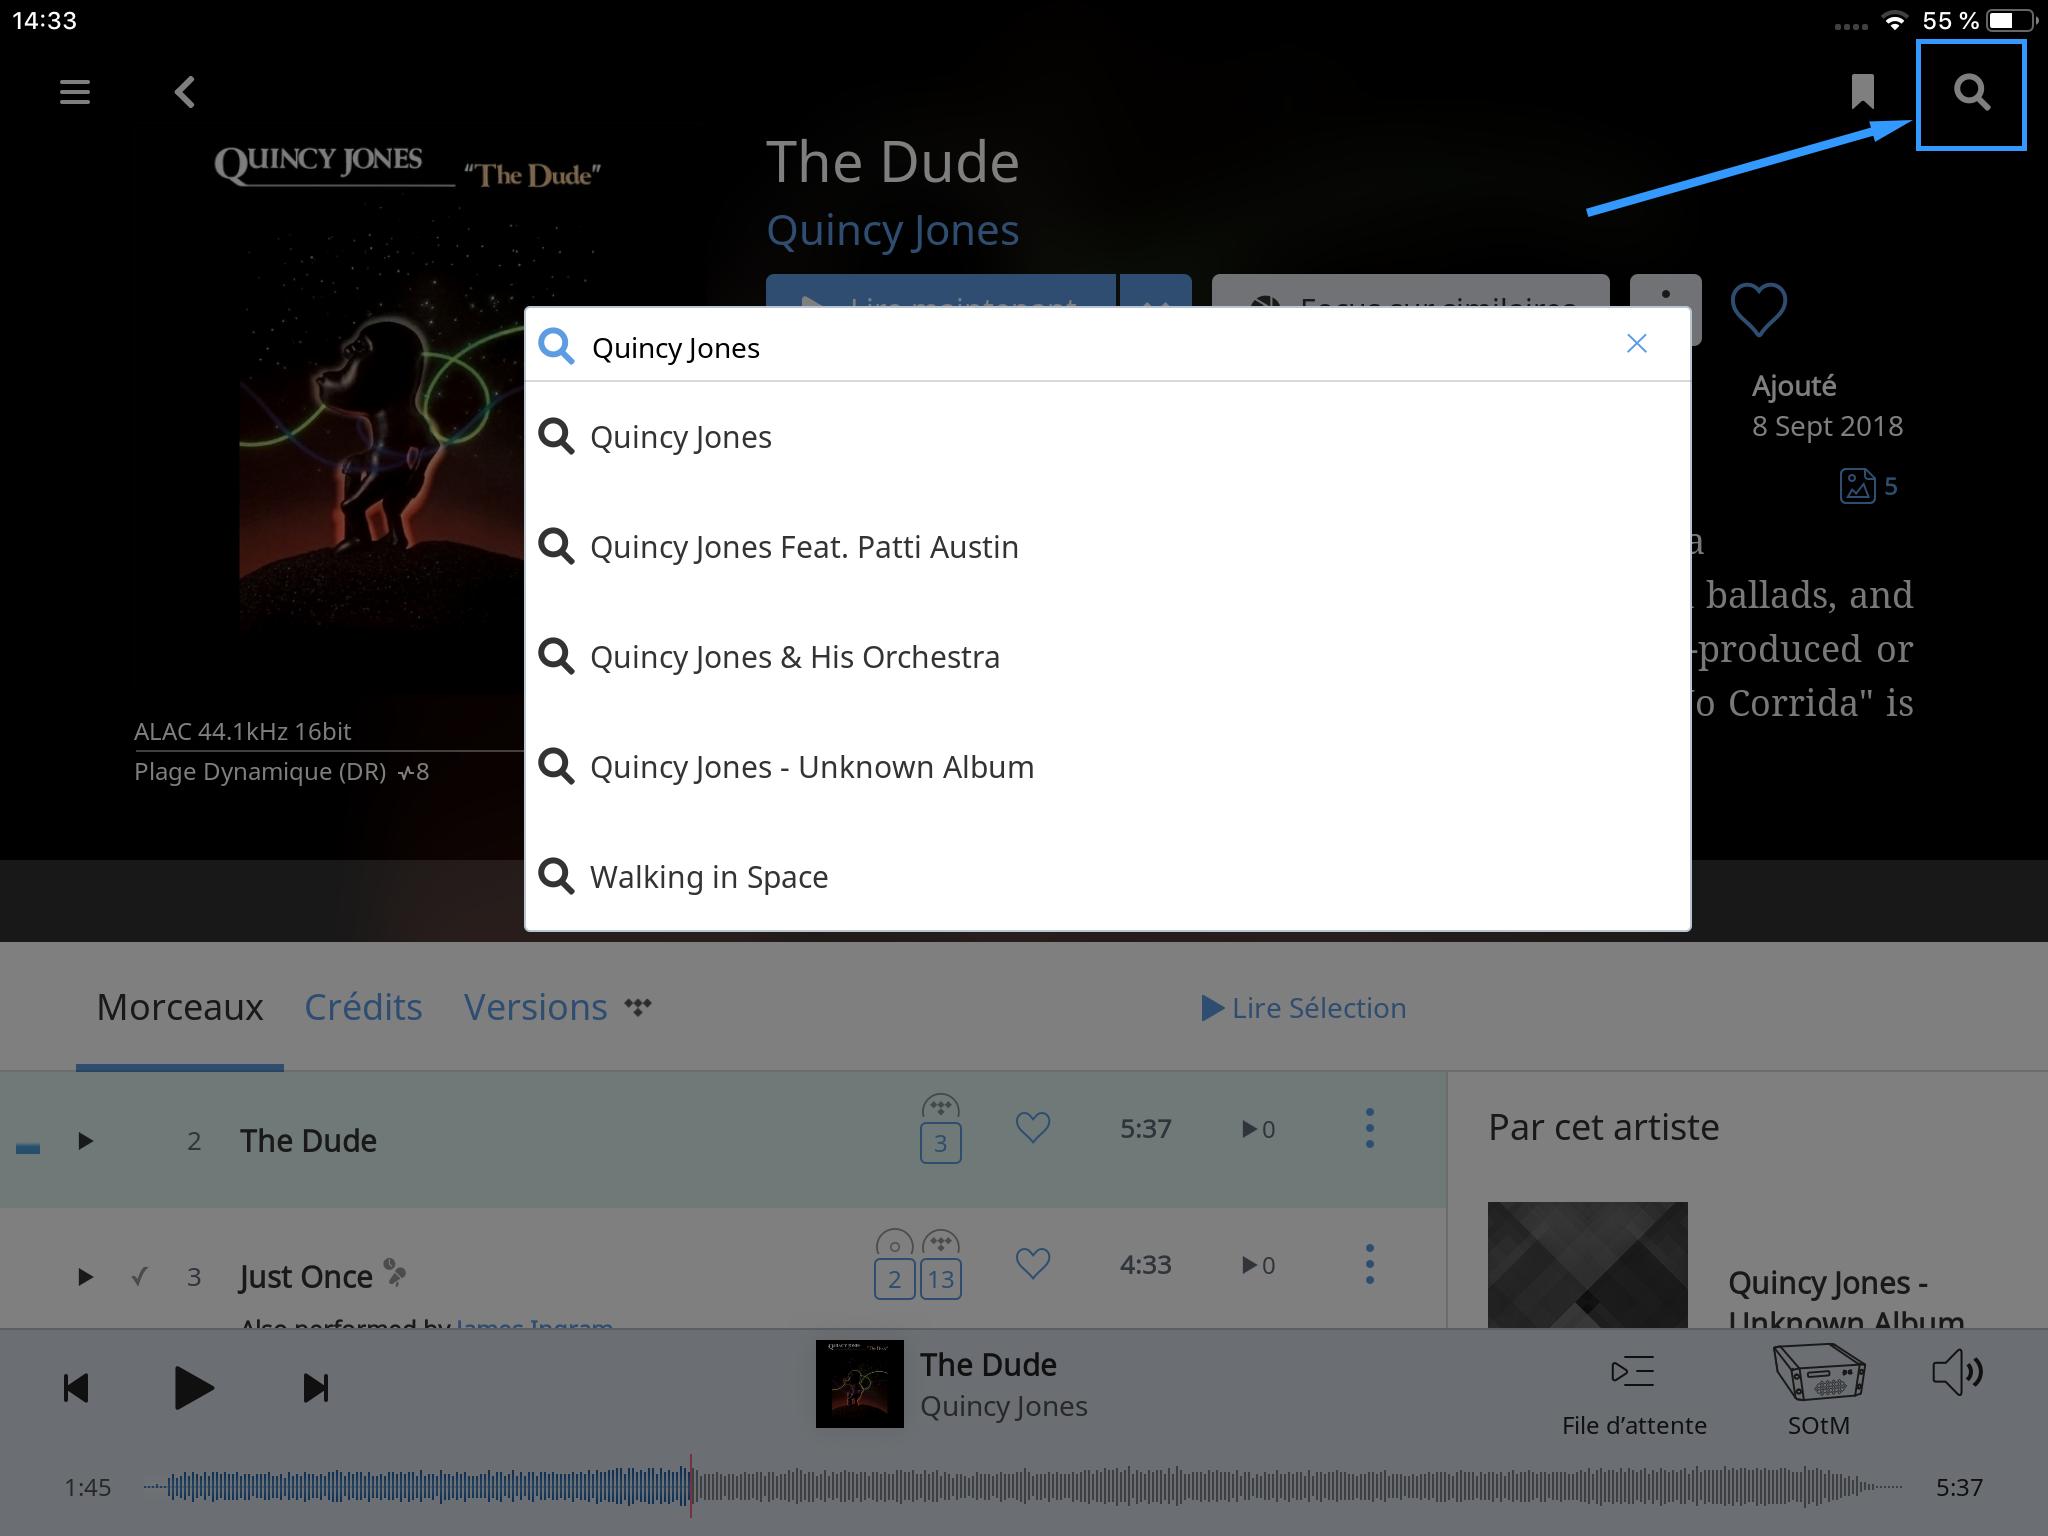 Recherche parmi toutes mes sources musicales: fichiers et services de musique en ligne